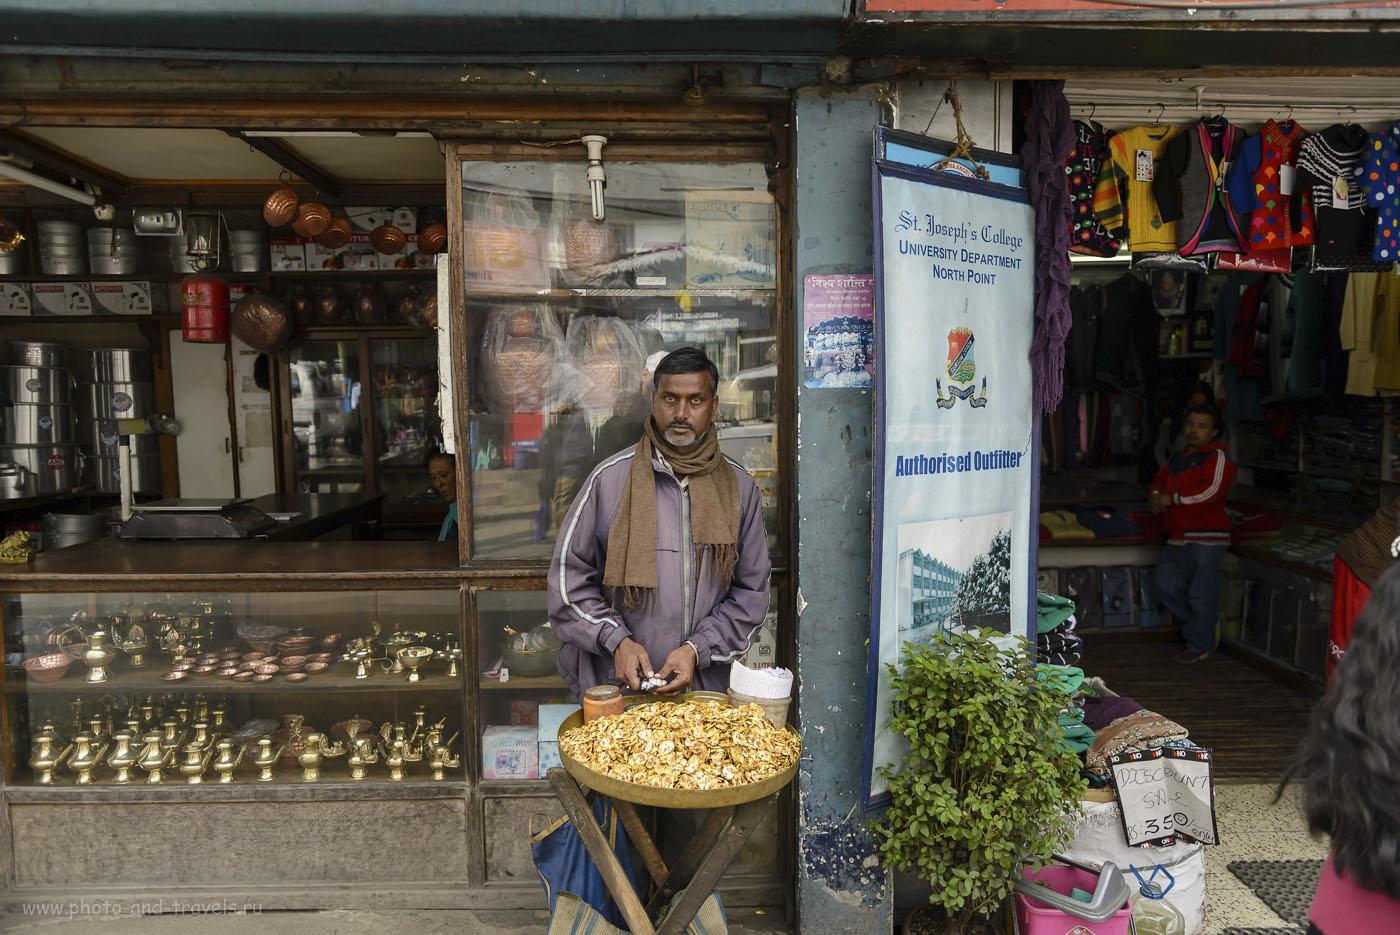 22. Гастарбайтер в Западной Бенгалии. Поездка в Дарджилинг из Варанаси. 1/250, -0.67, 2.8, 250, 24.